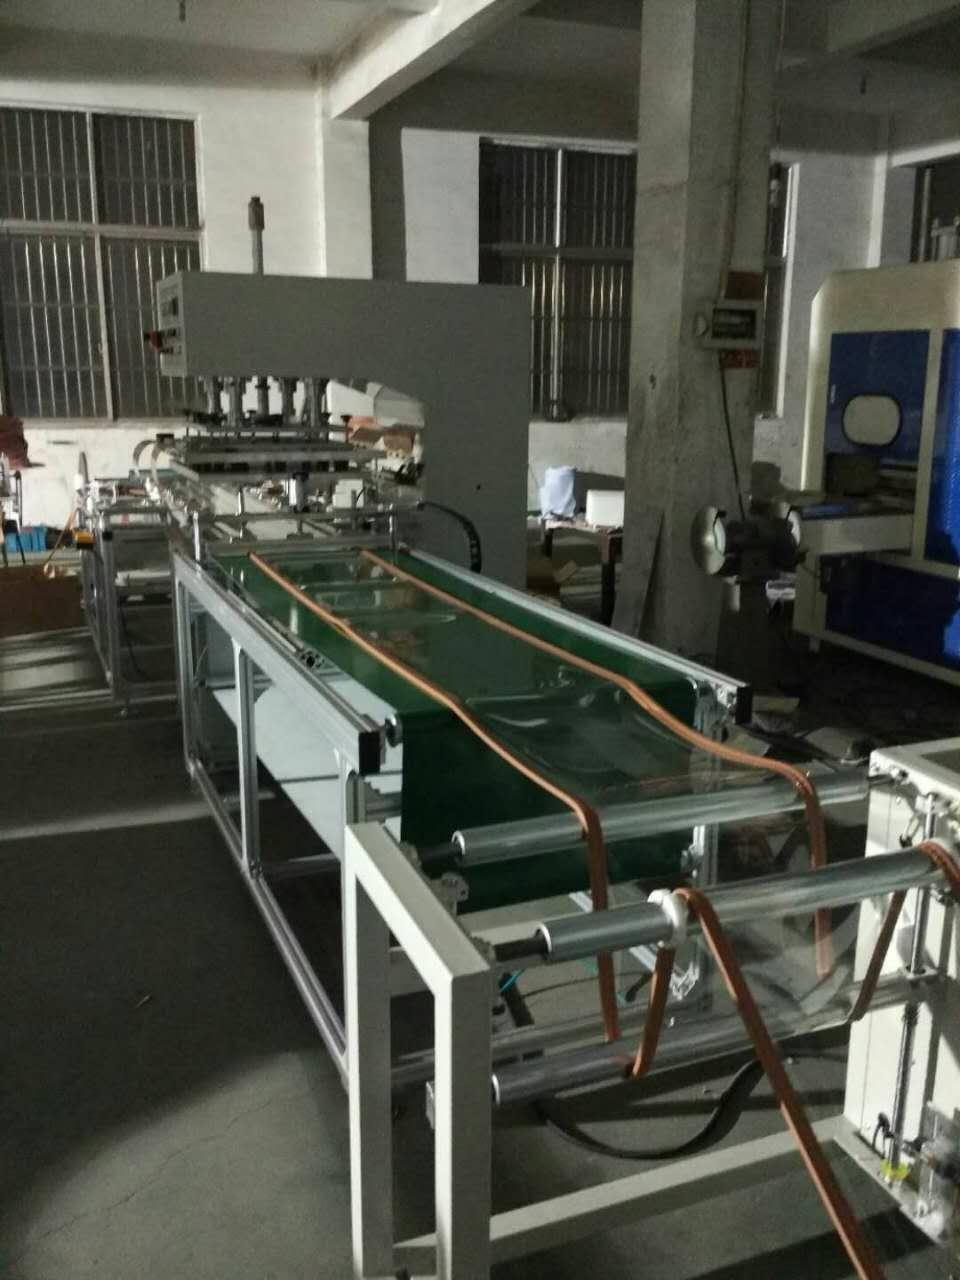 """磁性门帘焊接机使用了""""中国黑科技""""利用高周波电磁波渗透加热原理,使TPU塑料在电磁波上下电极间相互摩擦瞬间发生分子极性化熔接变化,配合相应的模具,加上一定的压力就可以达到熔接目的,针对不同尺寸大小氧气袋都需要开具相应的高频模具,常见模具主要采用铜条加工完成,具有导热性能更加。 其工作原理是利用高压变压器把380V电压升压至12000V经三相全桥整流,大功率电子管8T85RB,腔体电容,电感组成LC振荡电路,自激振荡产生高周波。由电感偶合,经匹配调节电容输出至压台上电极,加以控制系统"""